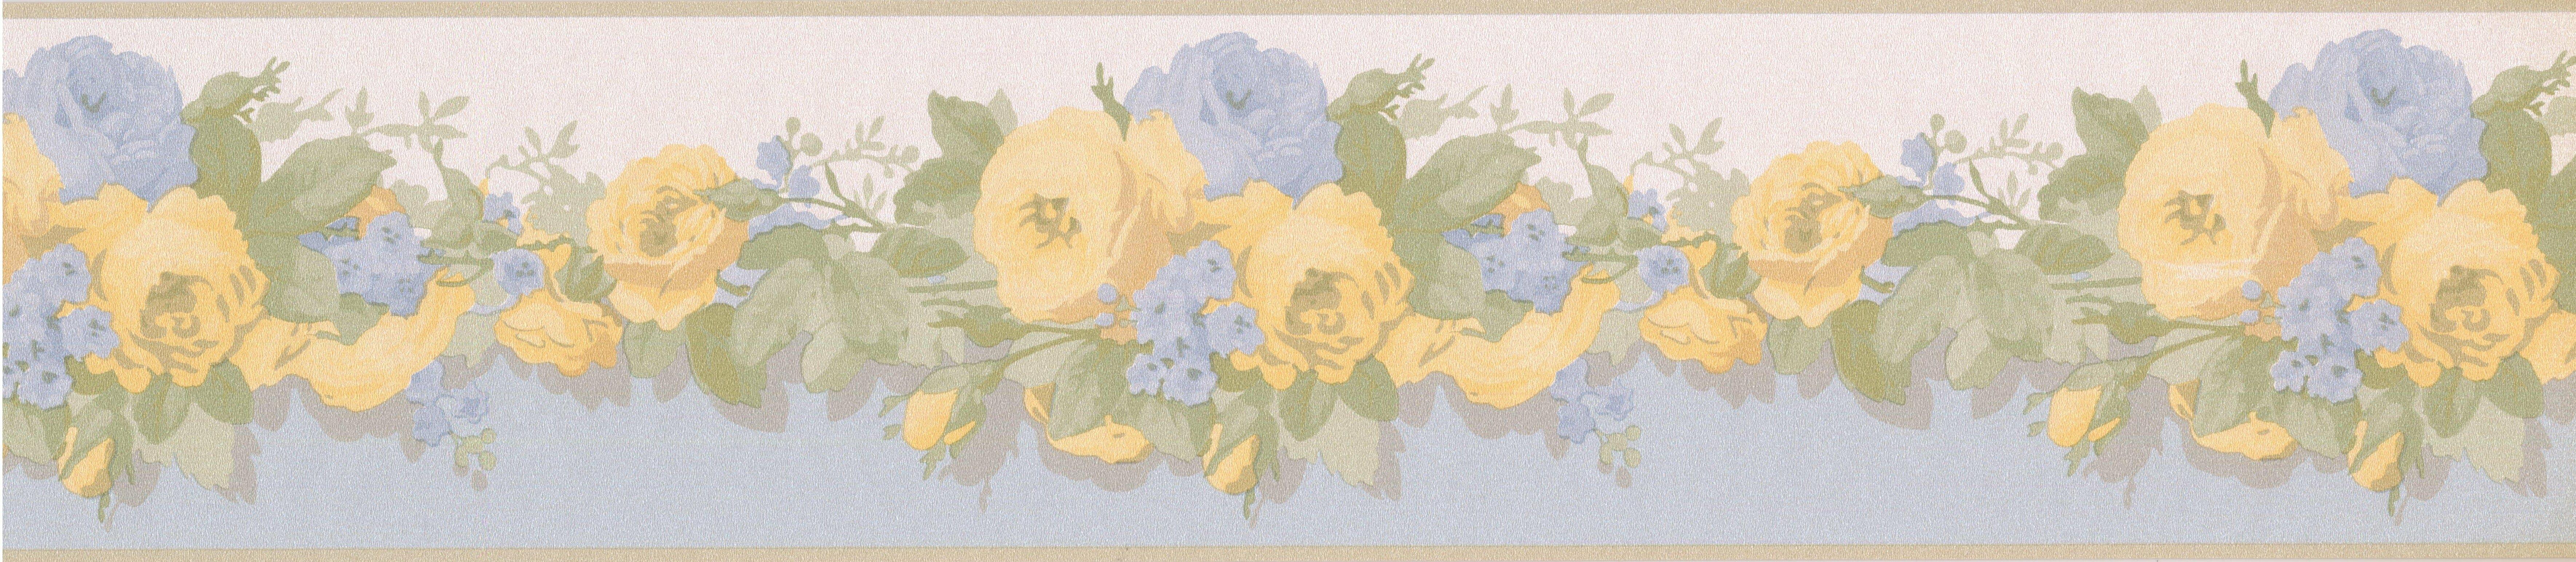 August Grove Boatner Bloomed Roses Retro Design 15\' L x 5\